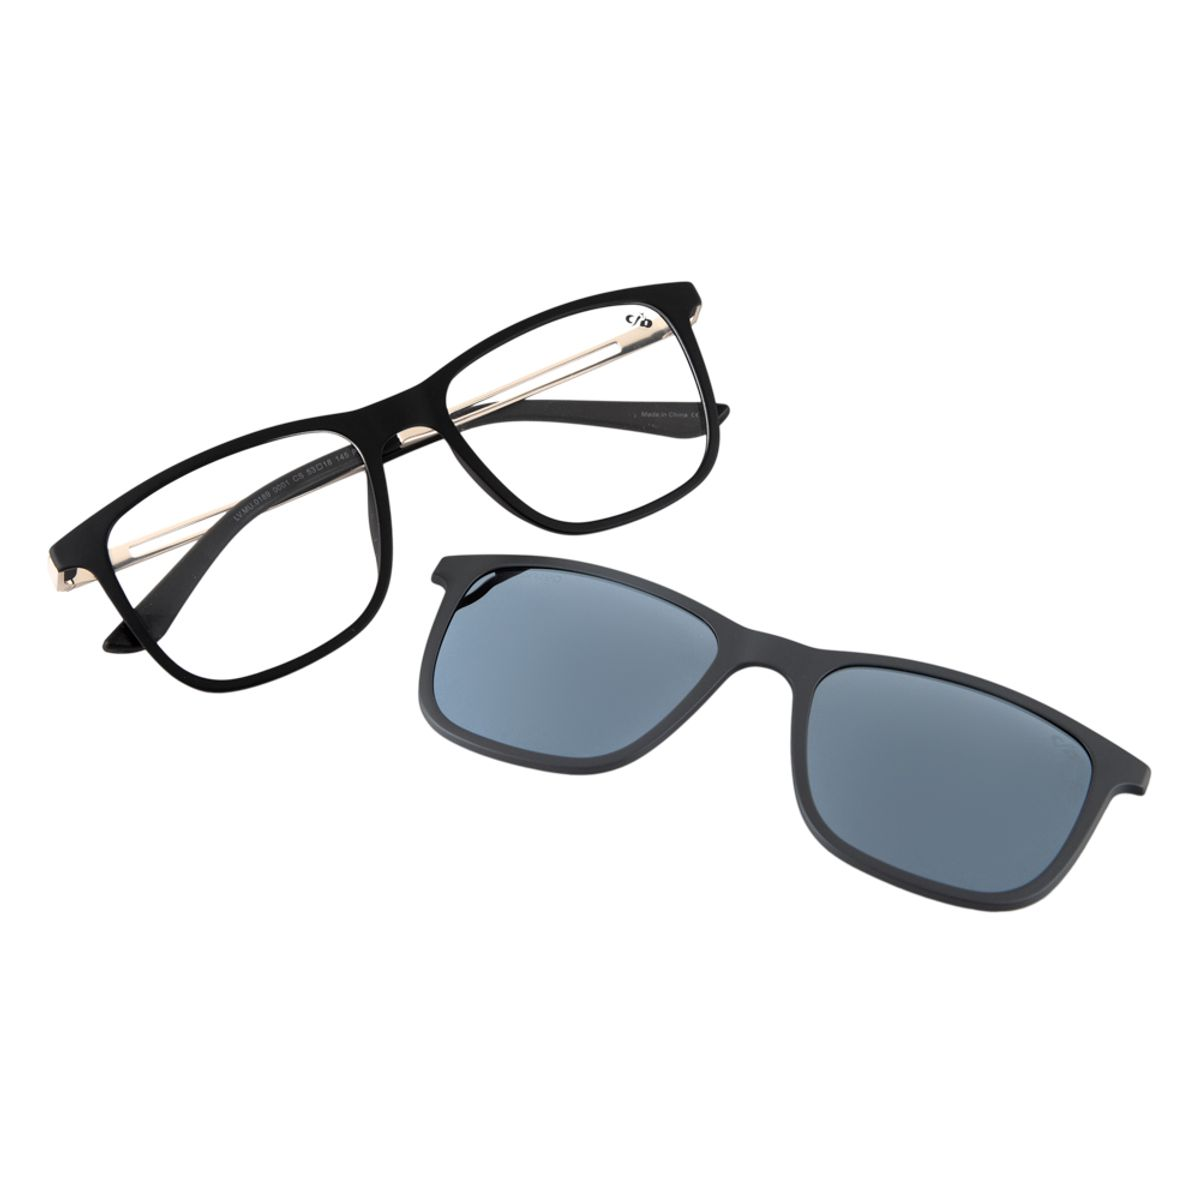 9755f0db7 Óculos de Sol Masculino Multi Chilli Beans Preto Polarizado 0189 -  LV.MU.0189.0001 M. REF: LV.MU.0189.0001. Previous